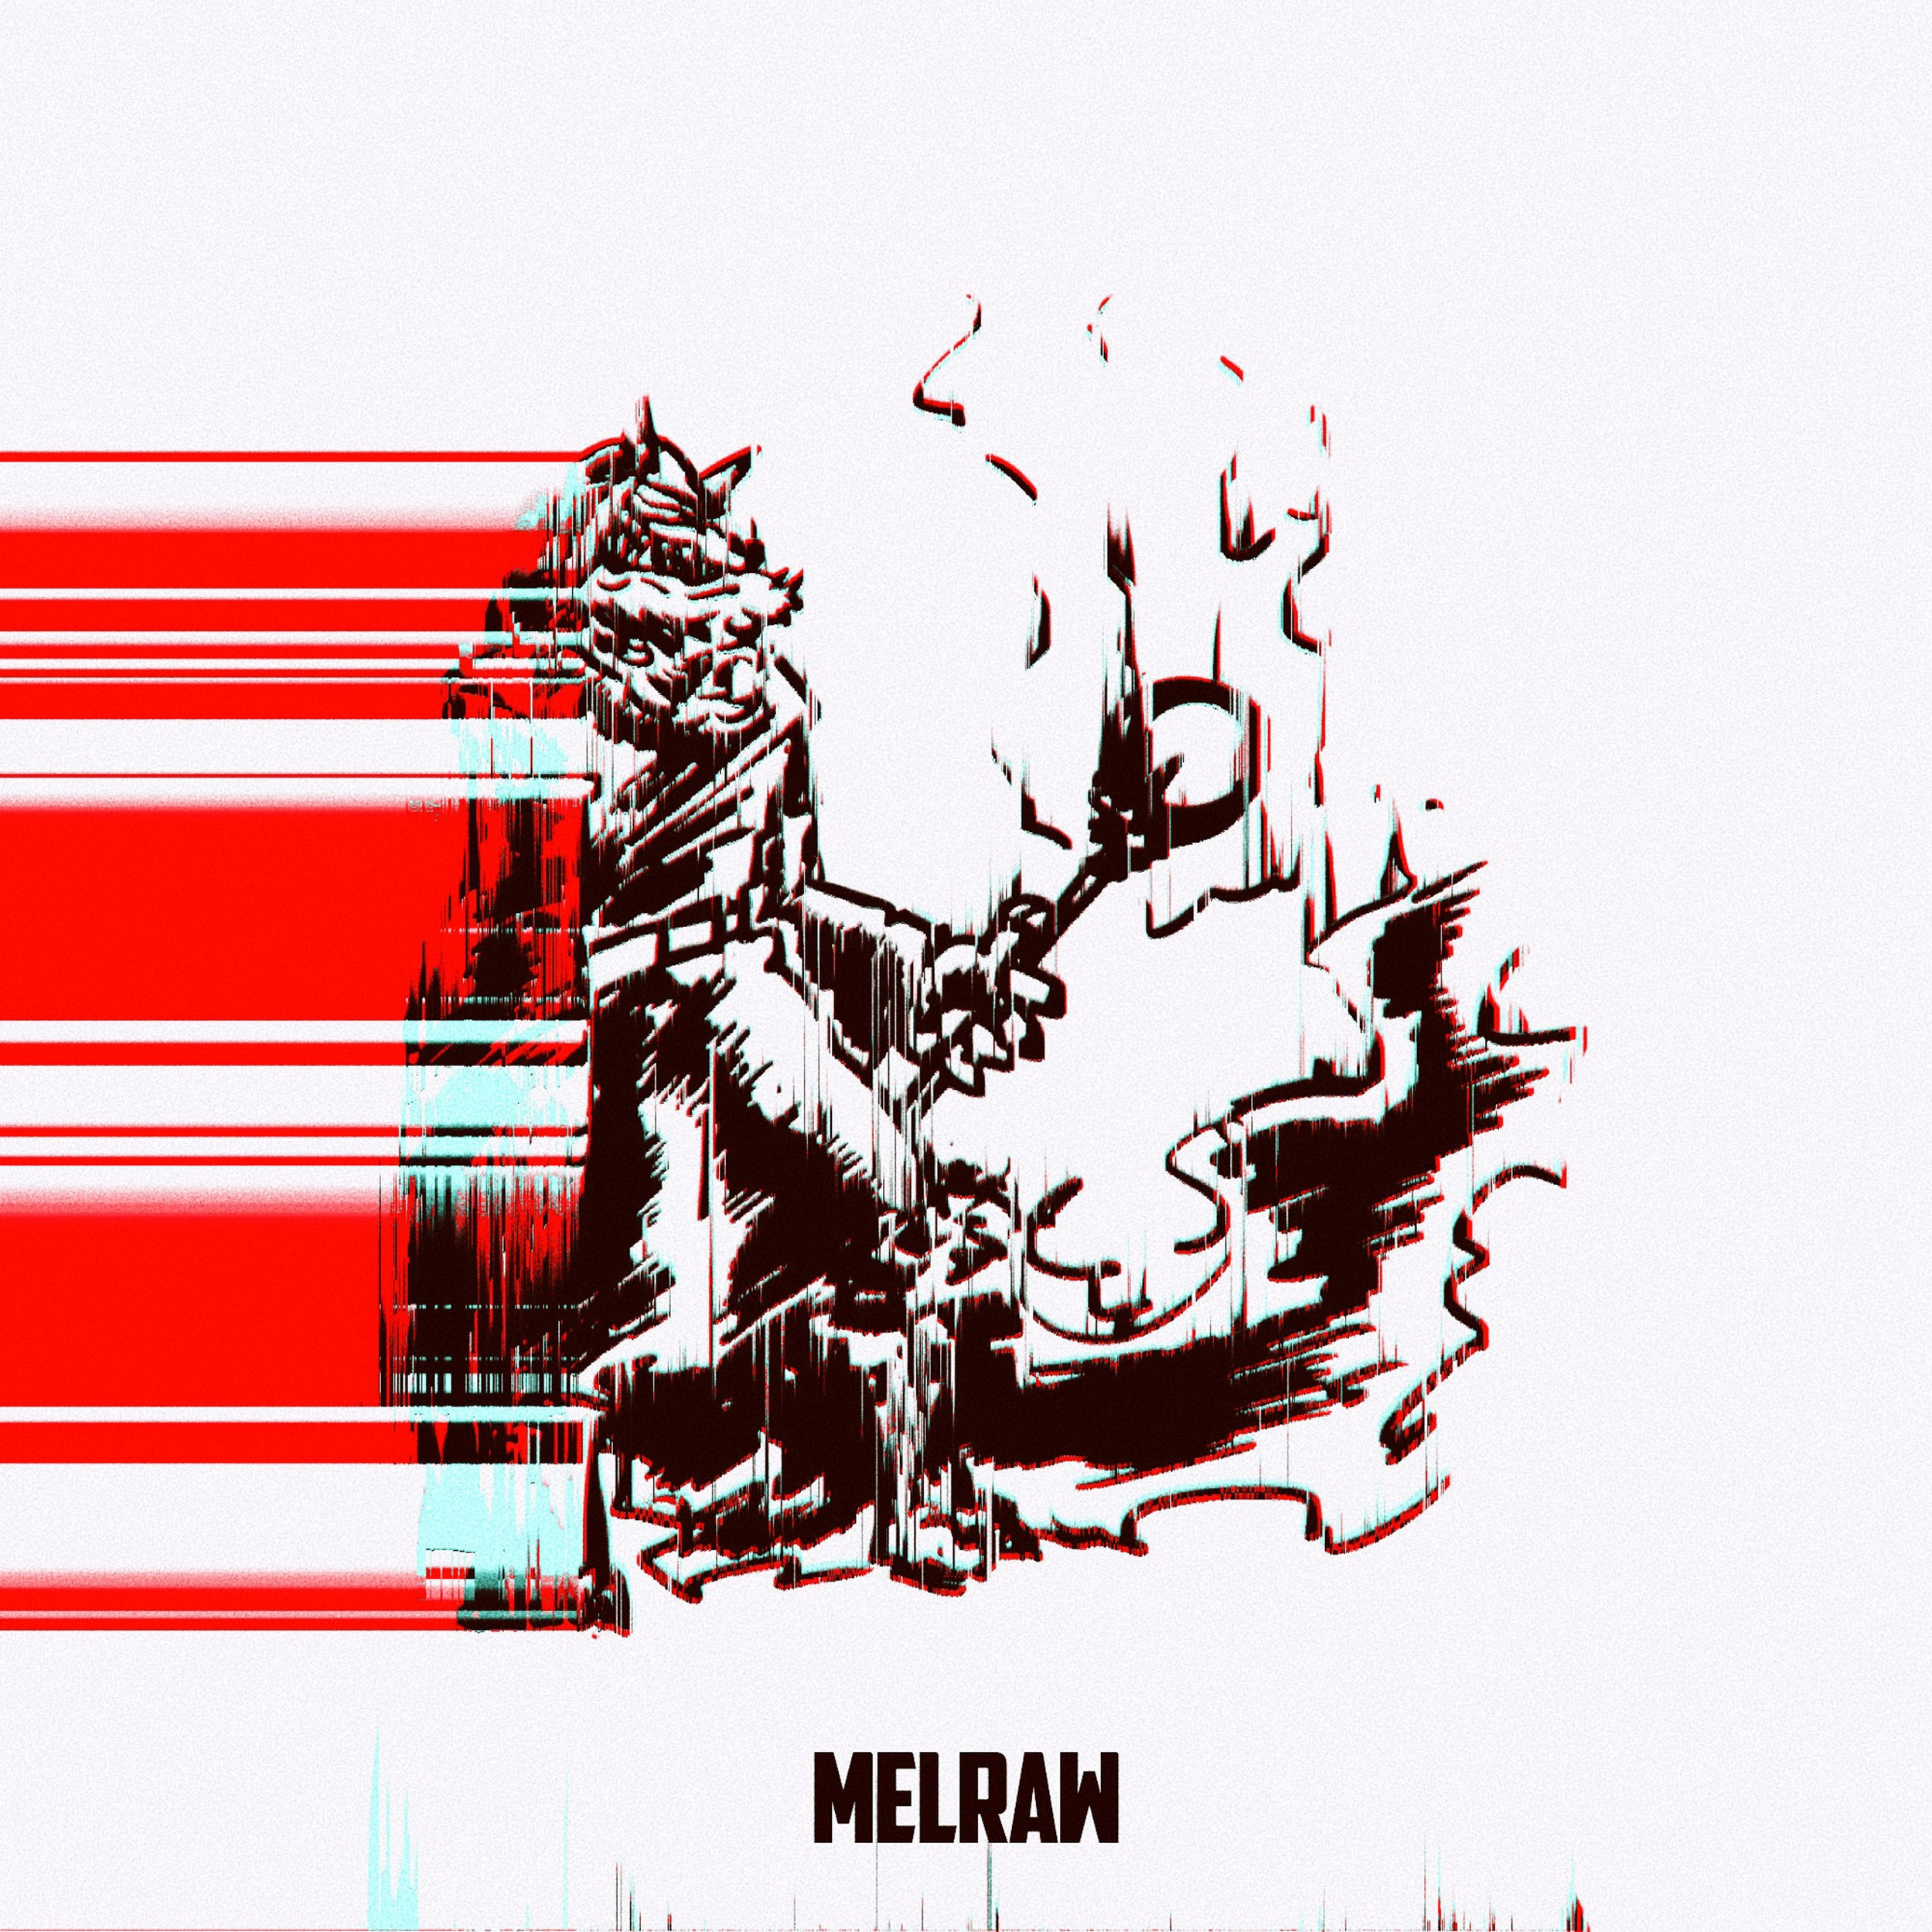 MELRAW - Leap of Faith